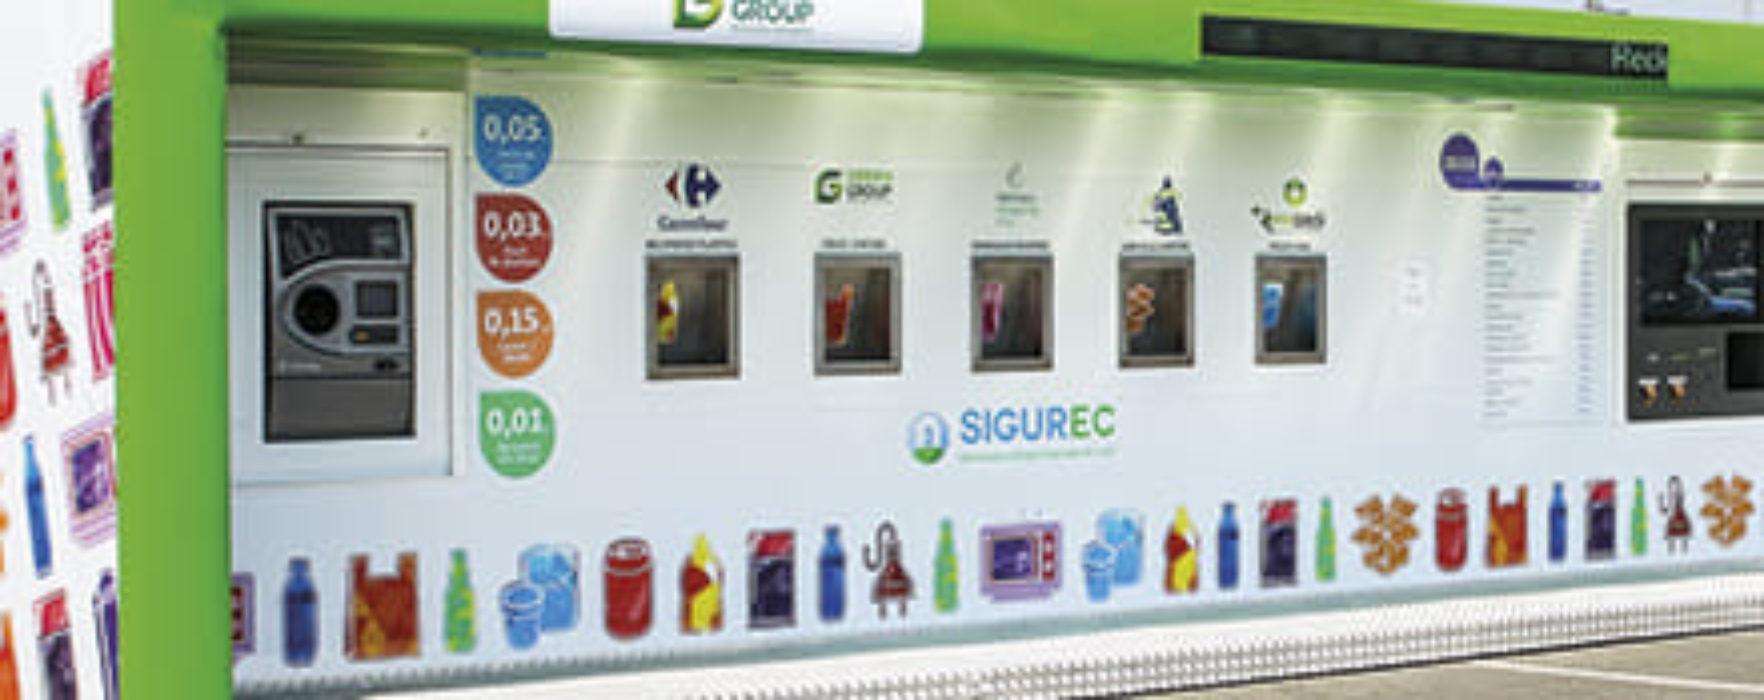 Târgovişte: Vor fi realizate puncte de colectare selectivă; cei care aduc deşeuri vor primi bani